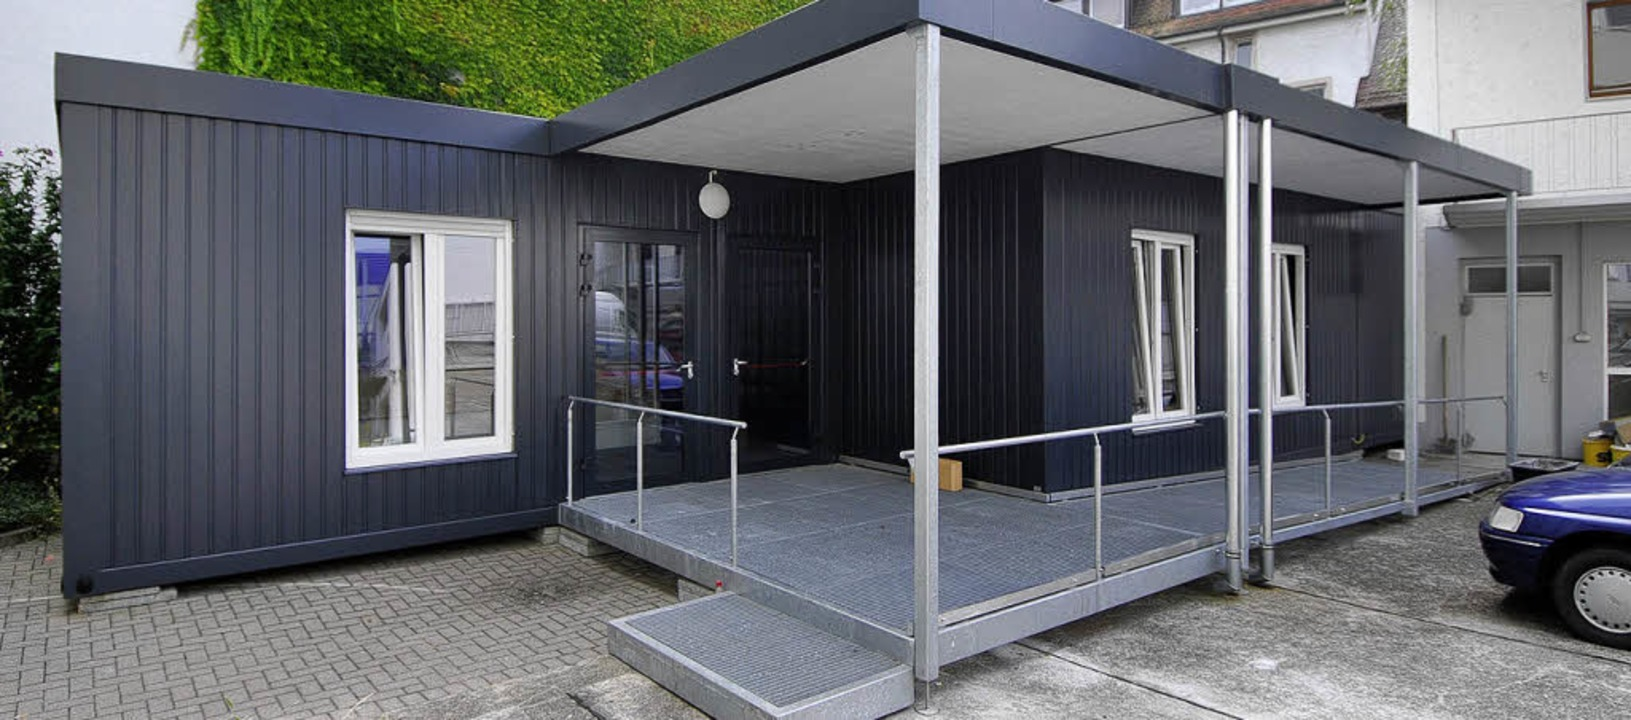 In diesem Container im Hof der UB 2 können Bücher abgeholt und abgegeben werden.  | Foto: Michael Bamberger